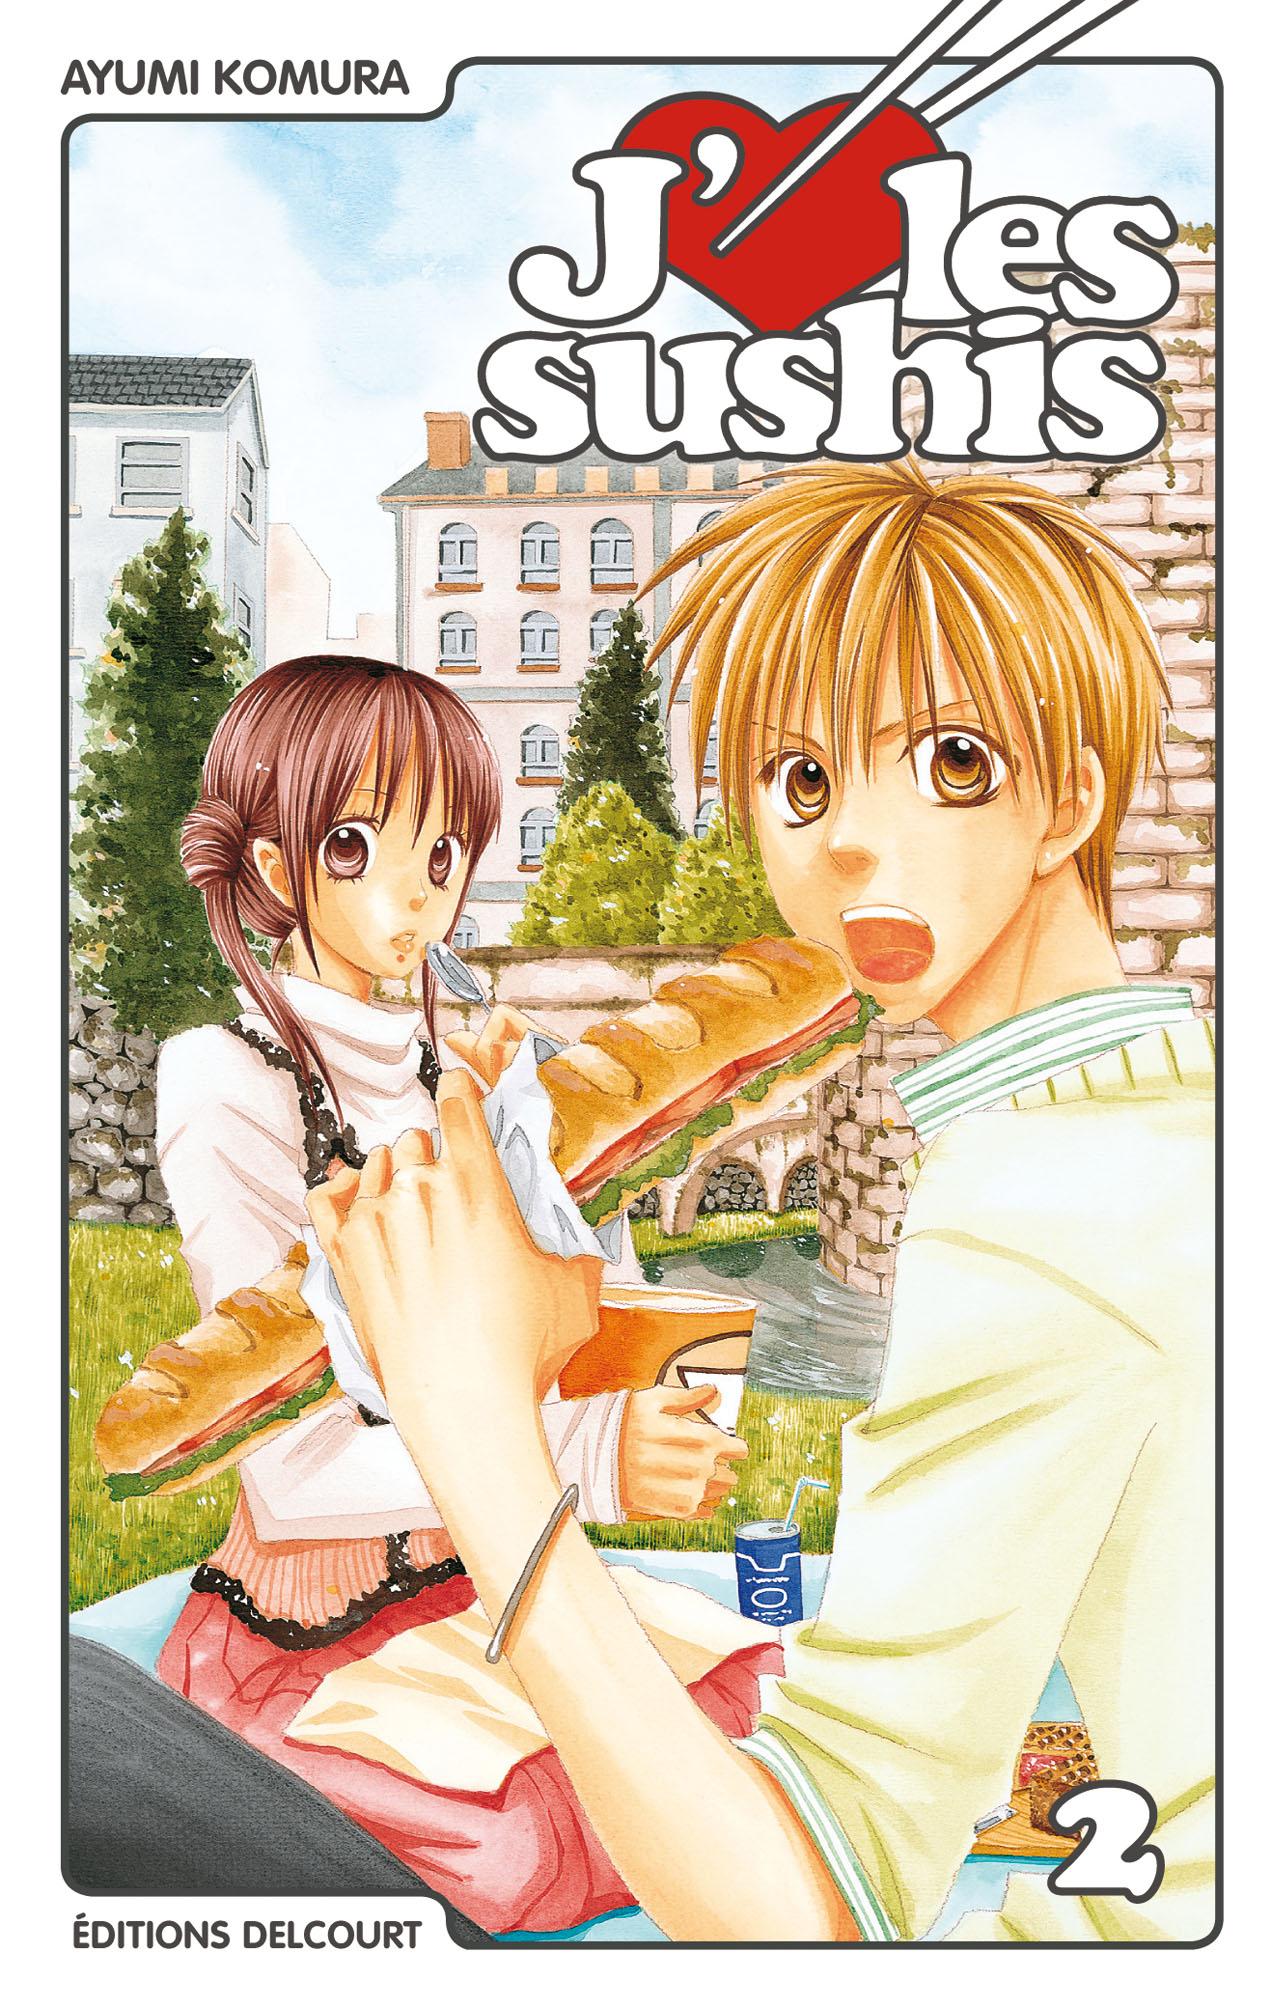 http://img.manga-sanctuary.com/big/j-aime-les-sushis-manga-volume-2-simple-32422.jpg